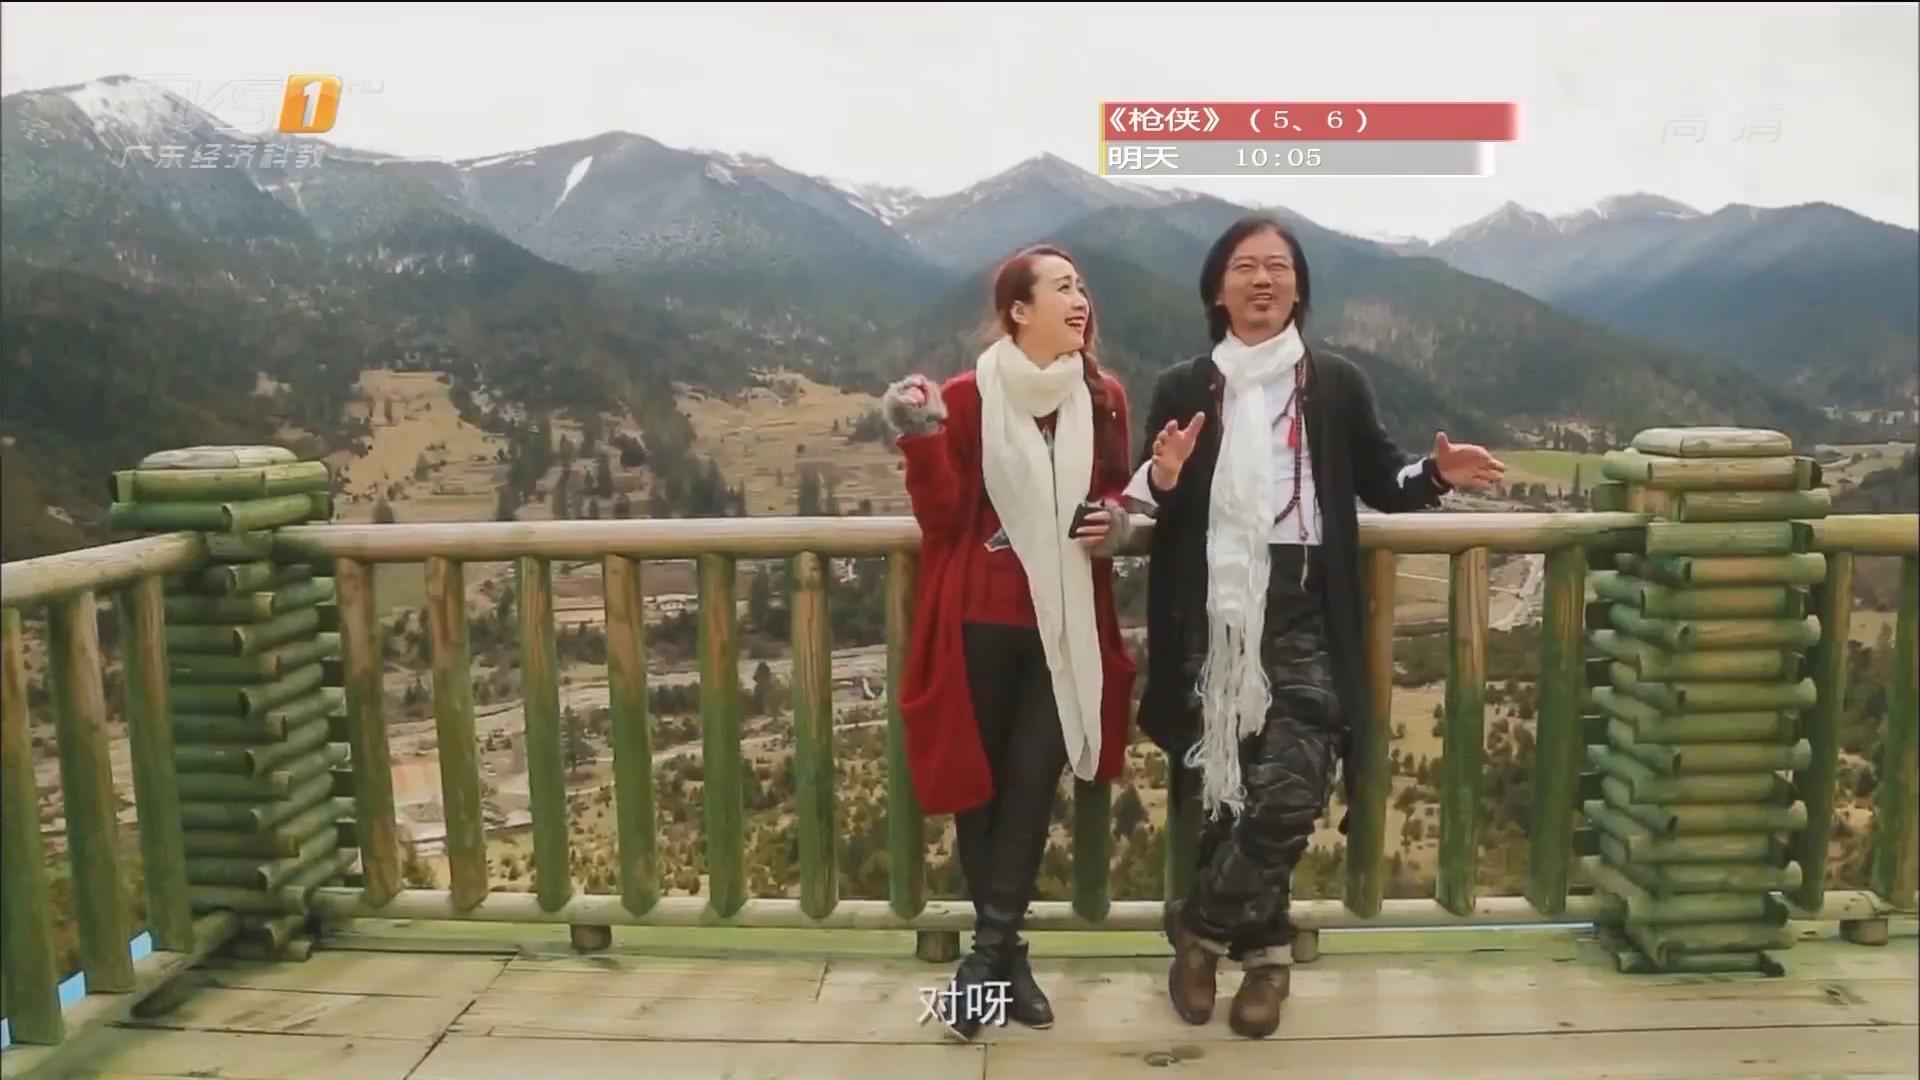 西藏之旅——龙王居住的地方鲁朗